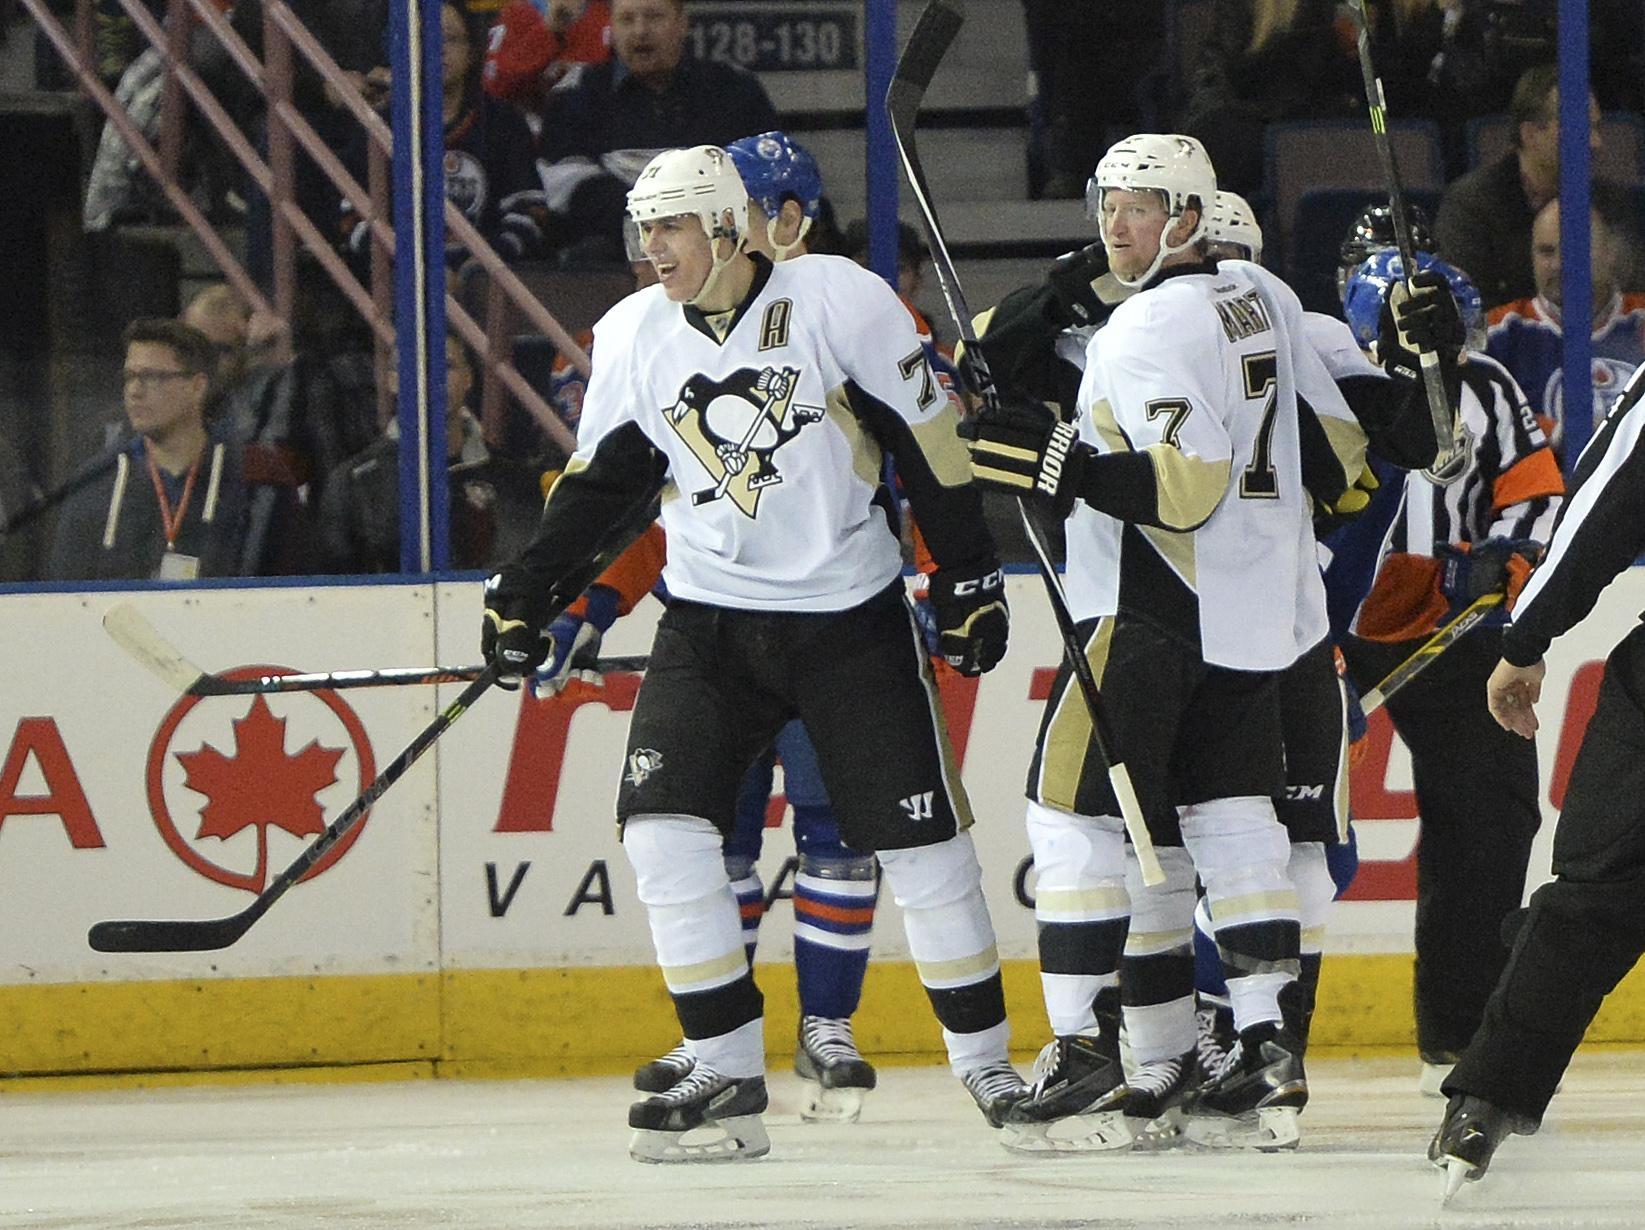 Сможет ли Калгари обыграть Питтсбург На что делать ставки на НХЛ 2 Ноября 2017